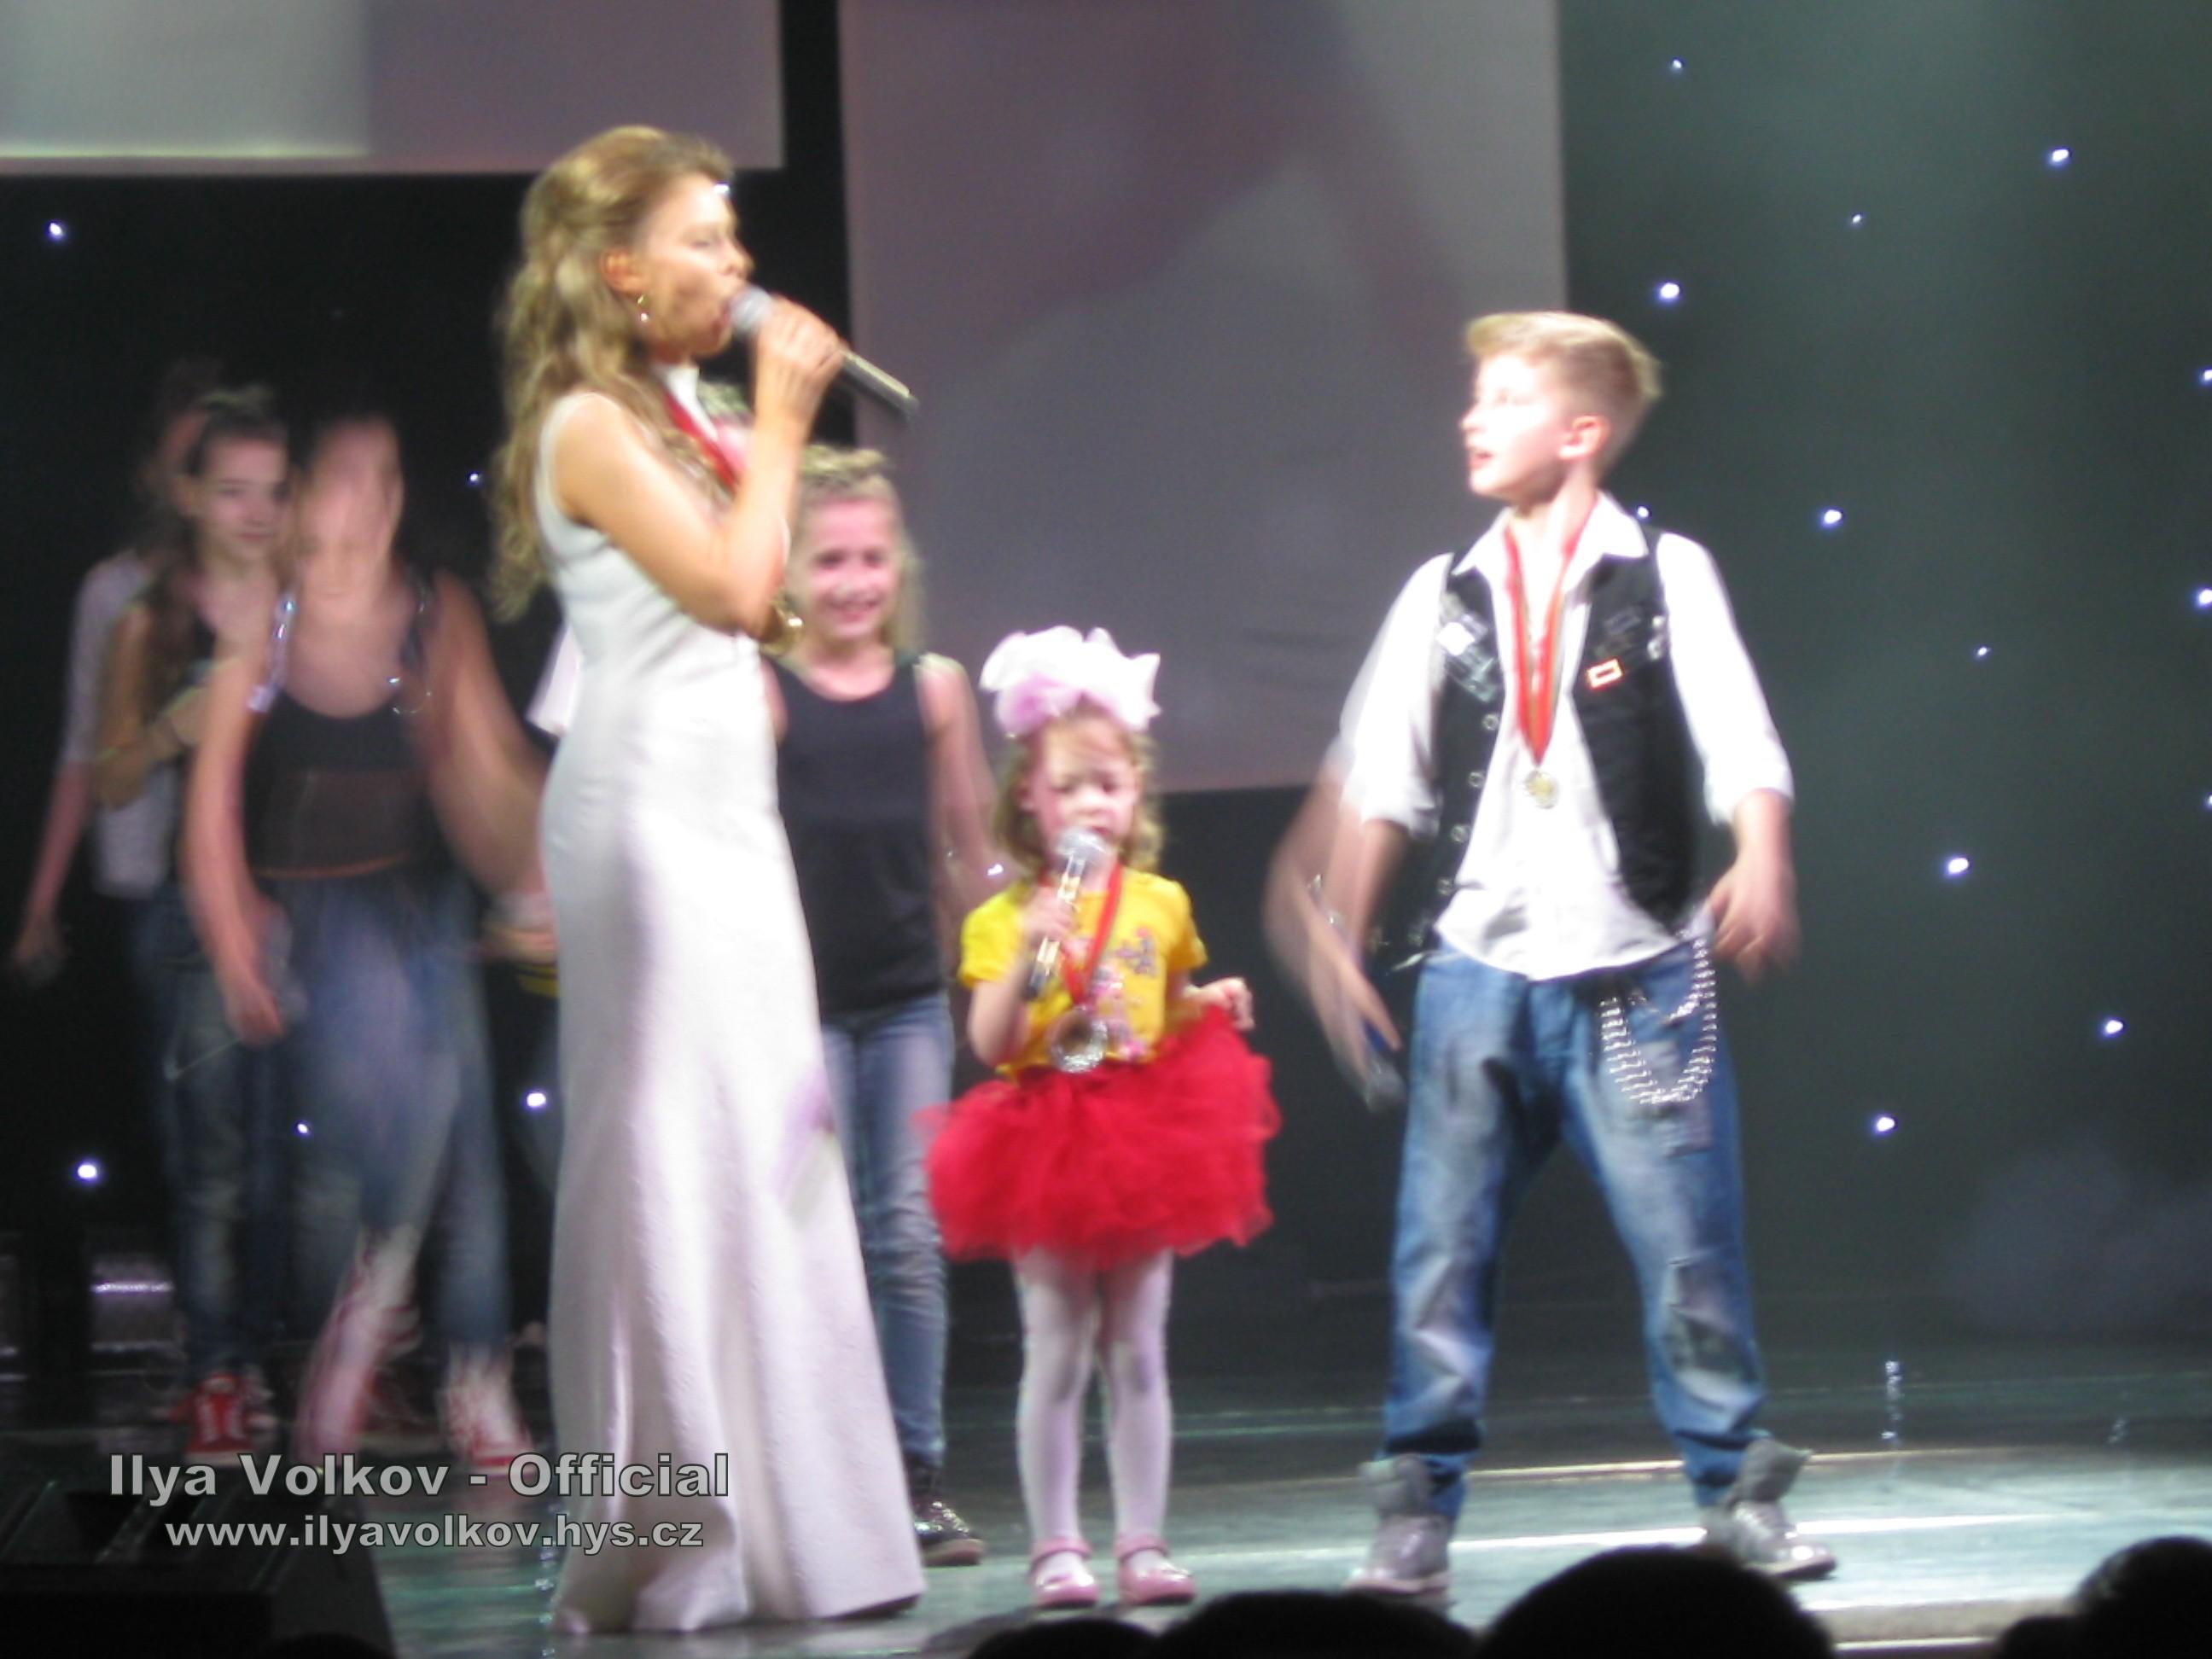 Ilya Volkov - Concert with JANET 2014  (12)